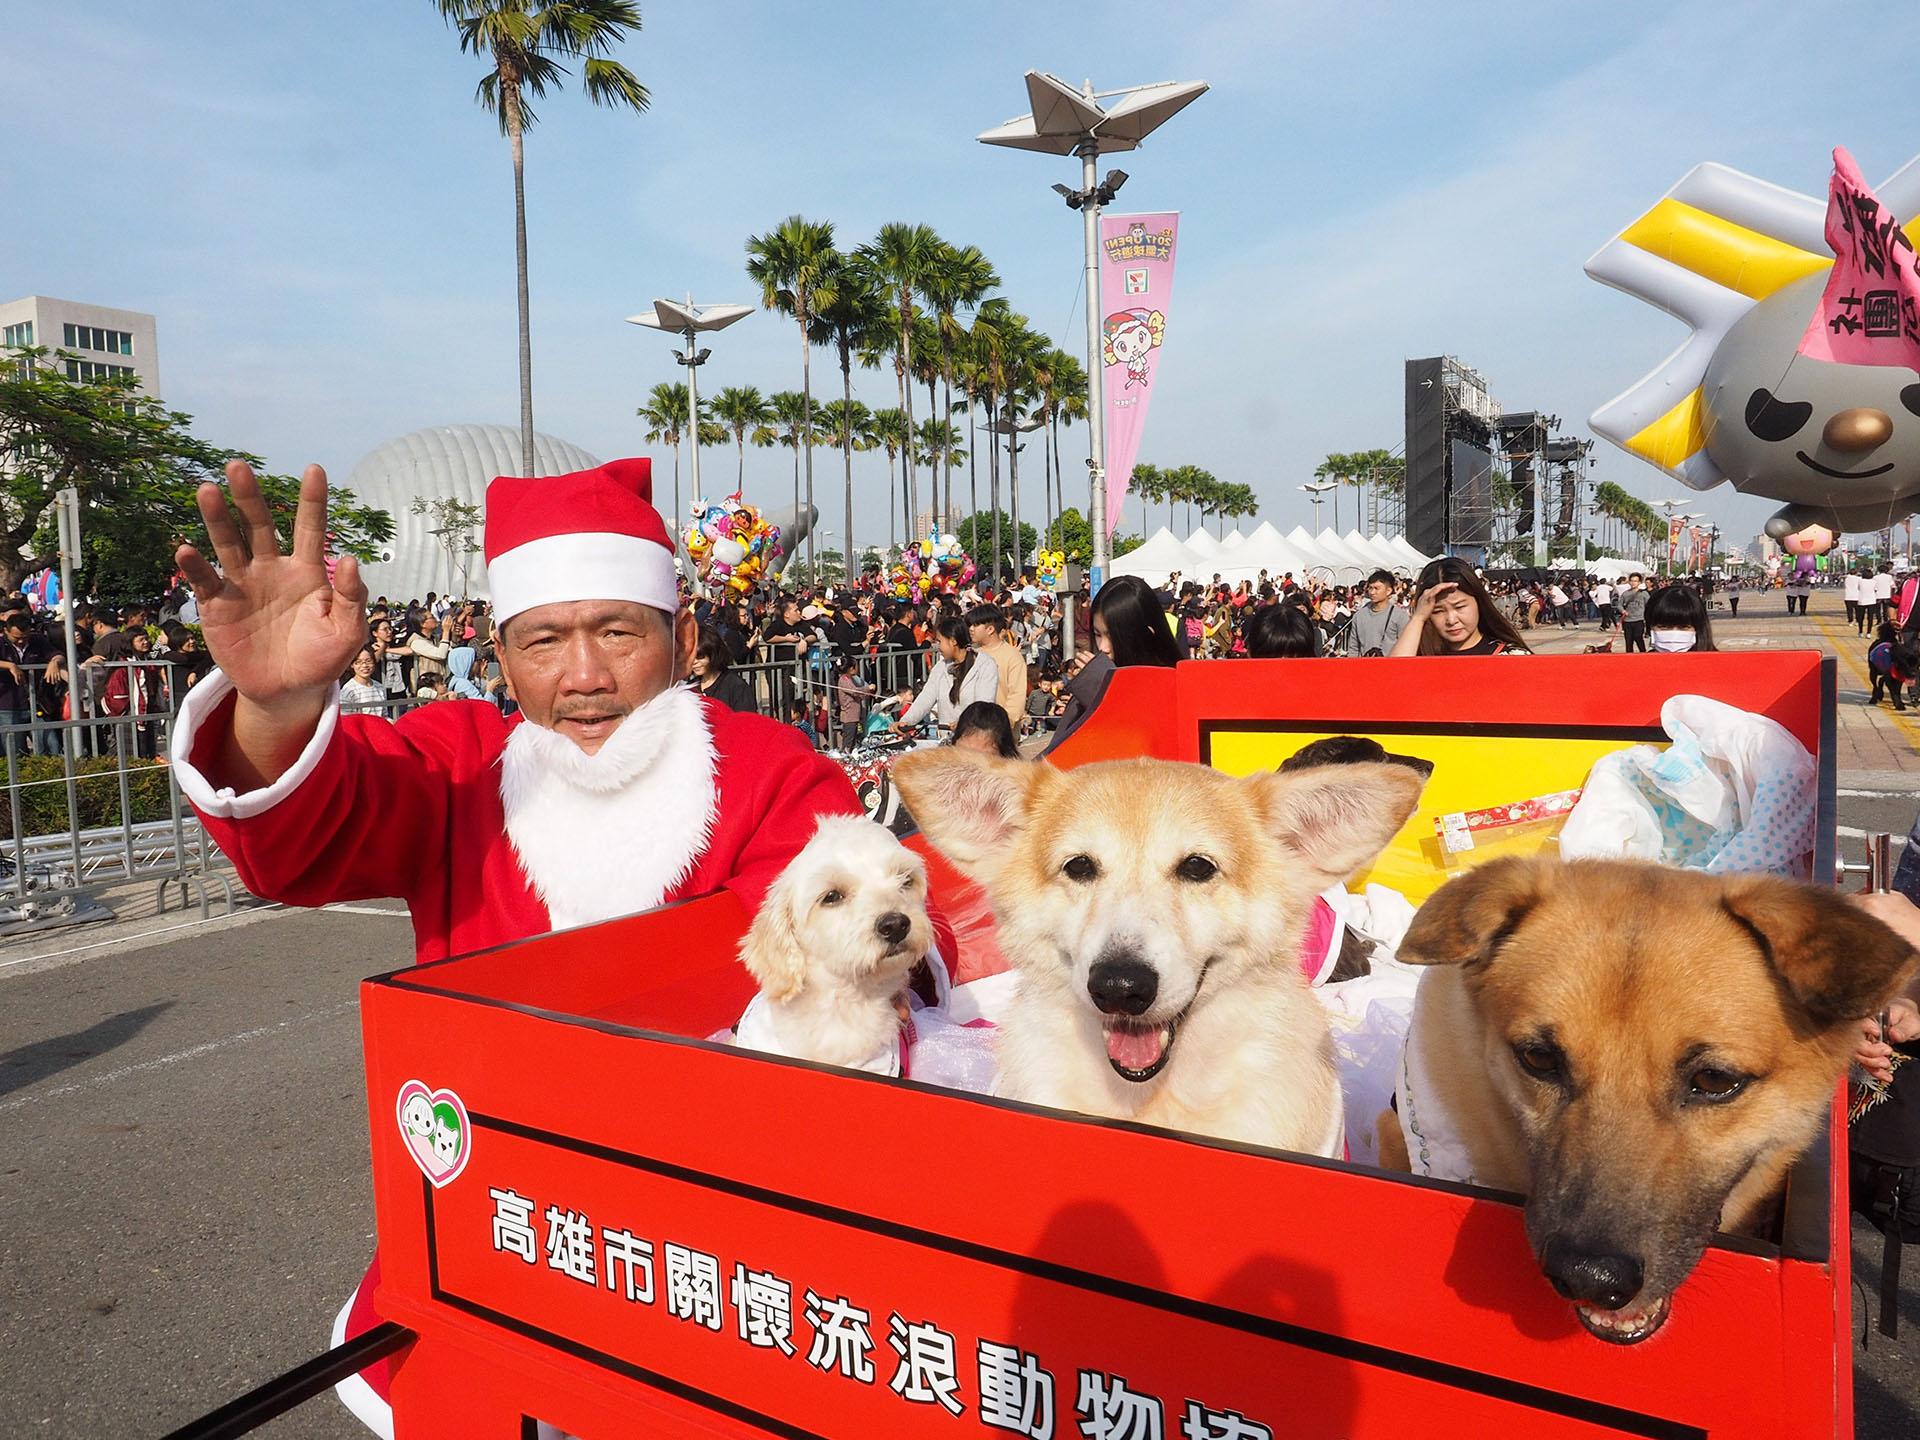 Un hombre vestido de Papá Noel posa para fotografías con perros durante el Desfile de Globos en Kaohsiung, al sur de Taiwán, el 16 de diciembre de 2017. (EFE)